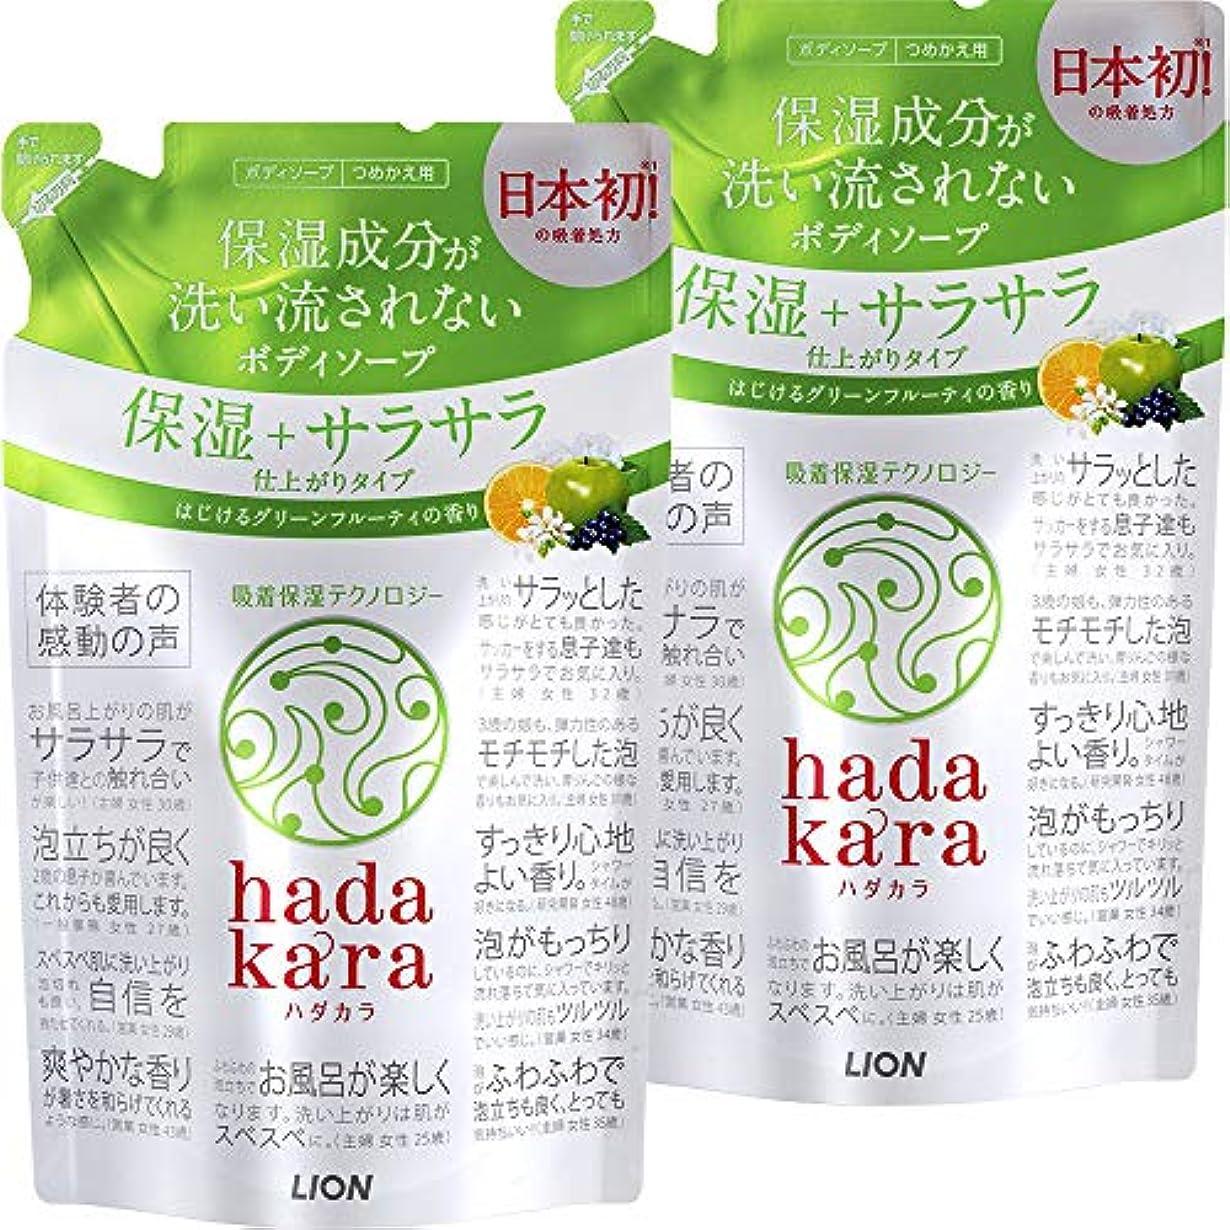 アノイ同じマニュアル【まとめ買い】hadakara(ハダカラ) ボディソープ 保湿+サラサラ仕上がりタイプ グリーンフルーティの香り 詰め替え 340ml×2個パック